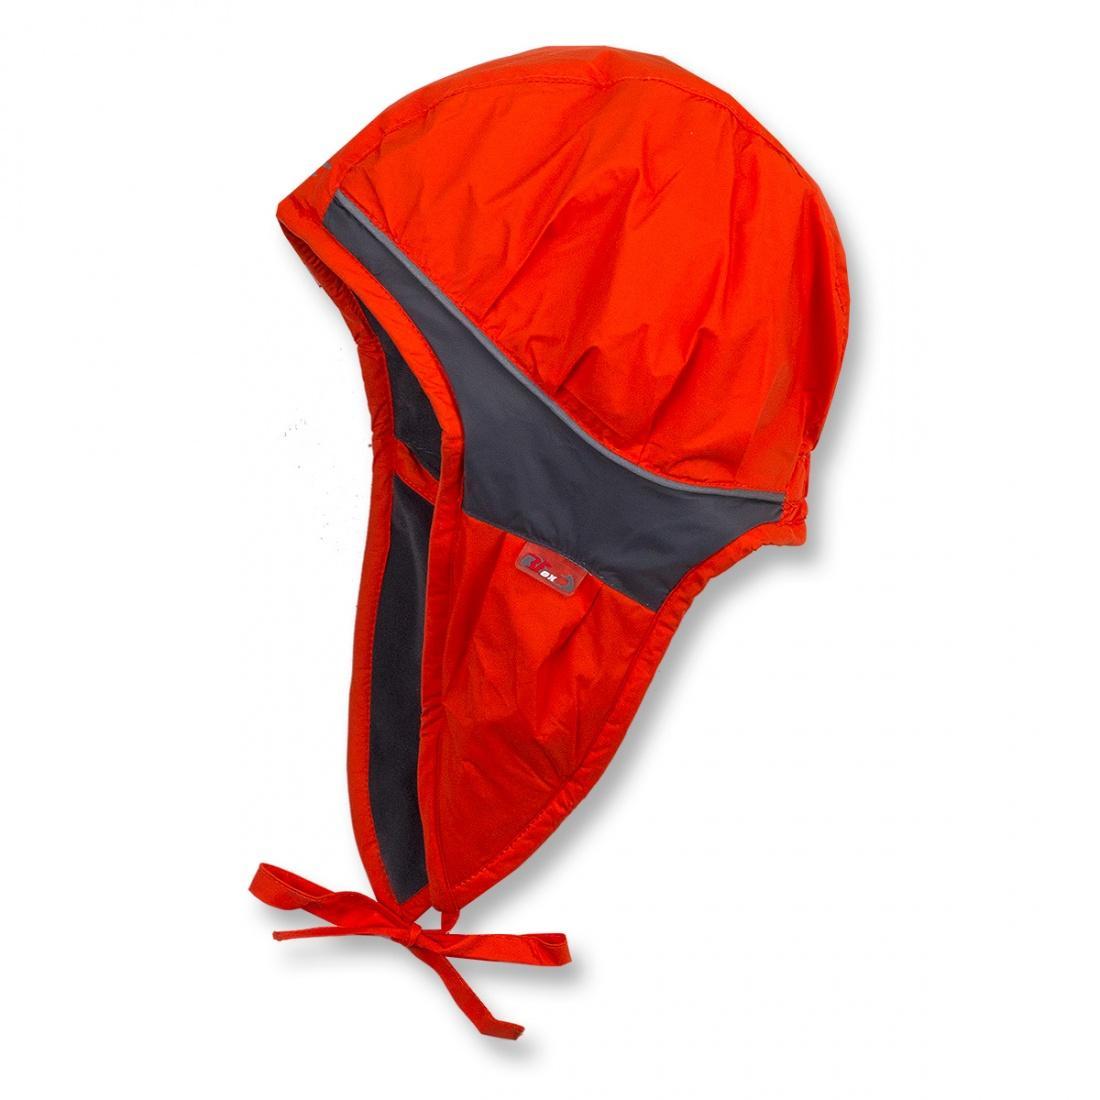 Шапка детская TressУшанки<br><br> Яркая контрастная шапочка прекрасно выделяет ребенка из толпы.<br><br> <br><br><br><br> Основной материал – Dry Factor 1000.<br><br> <br><br><br> Утеп...<br><br>Цвет: Апельсиновый<br>Размер: XL